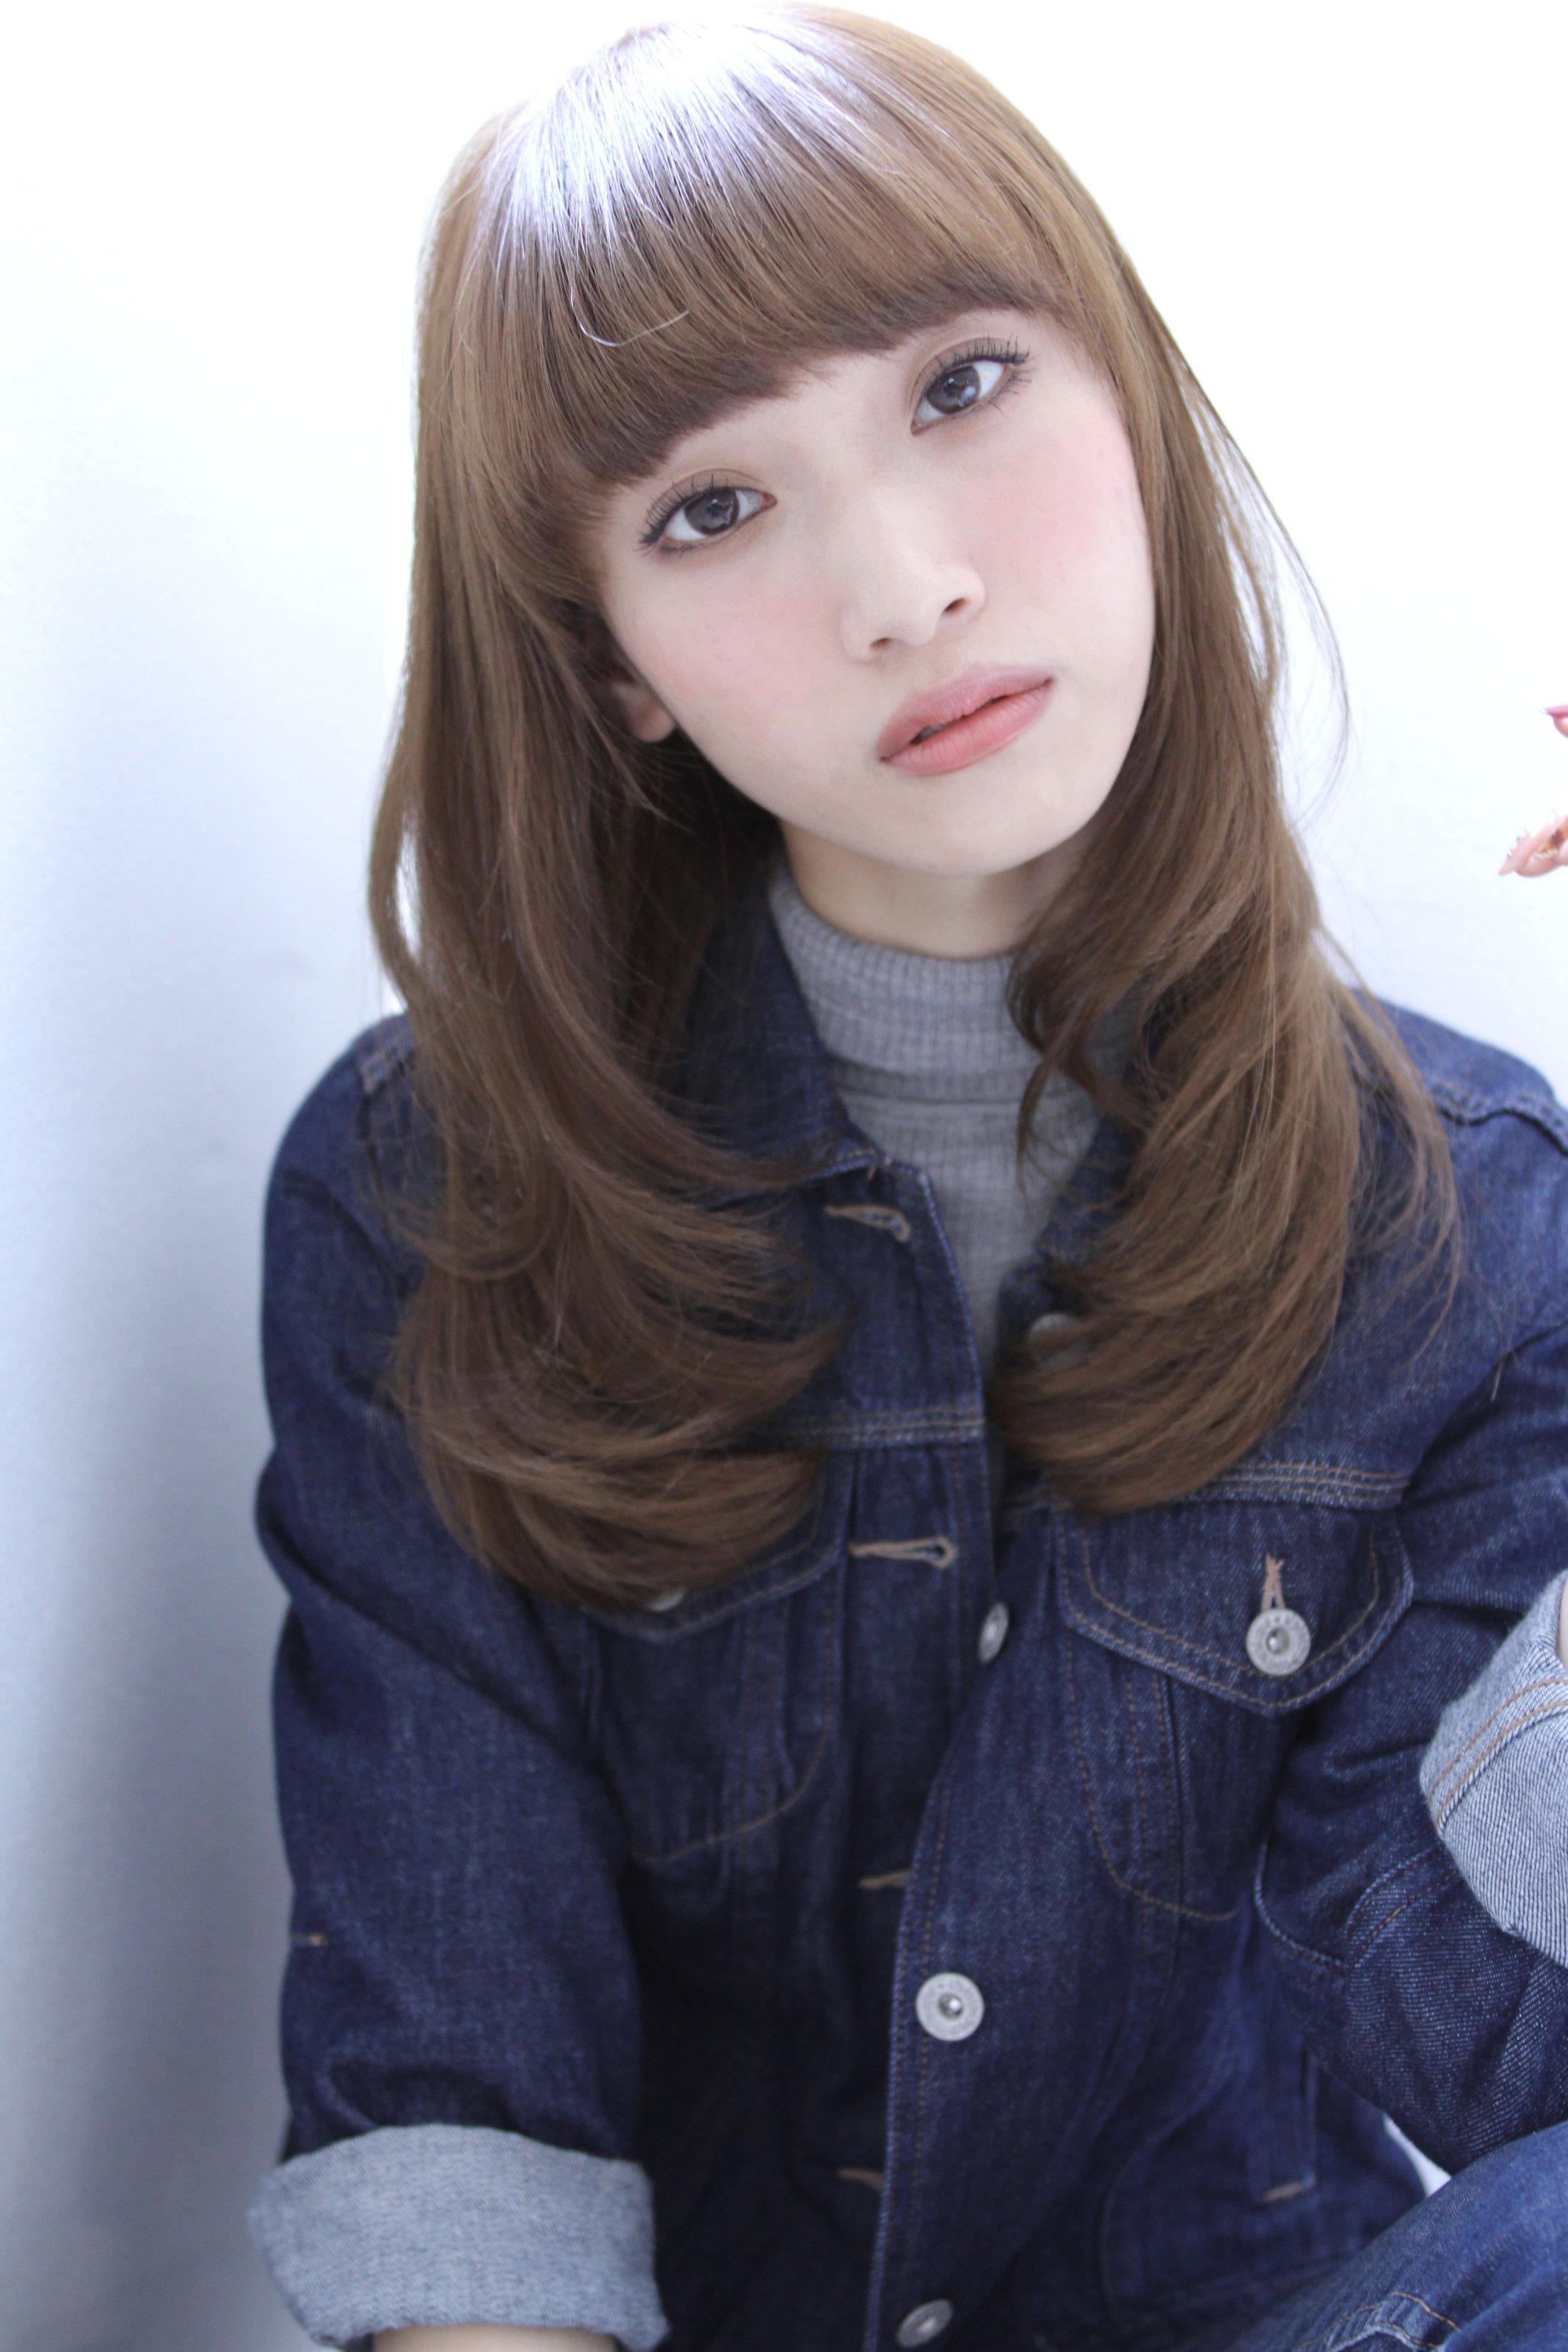 【Rose】ノーブル×ワンカール×セミロング☆